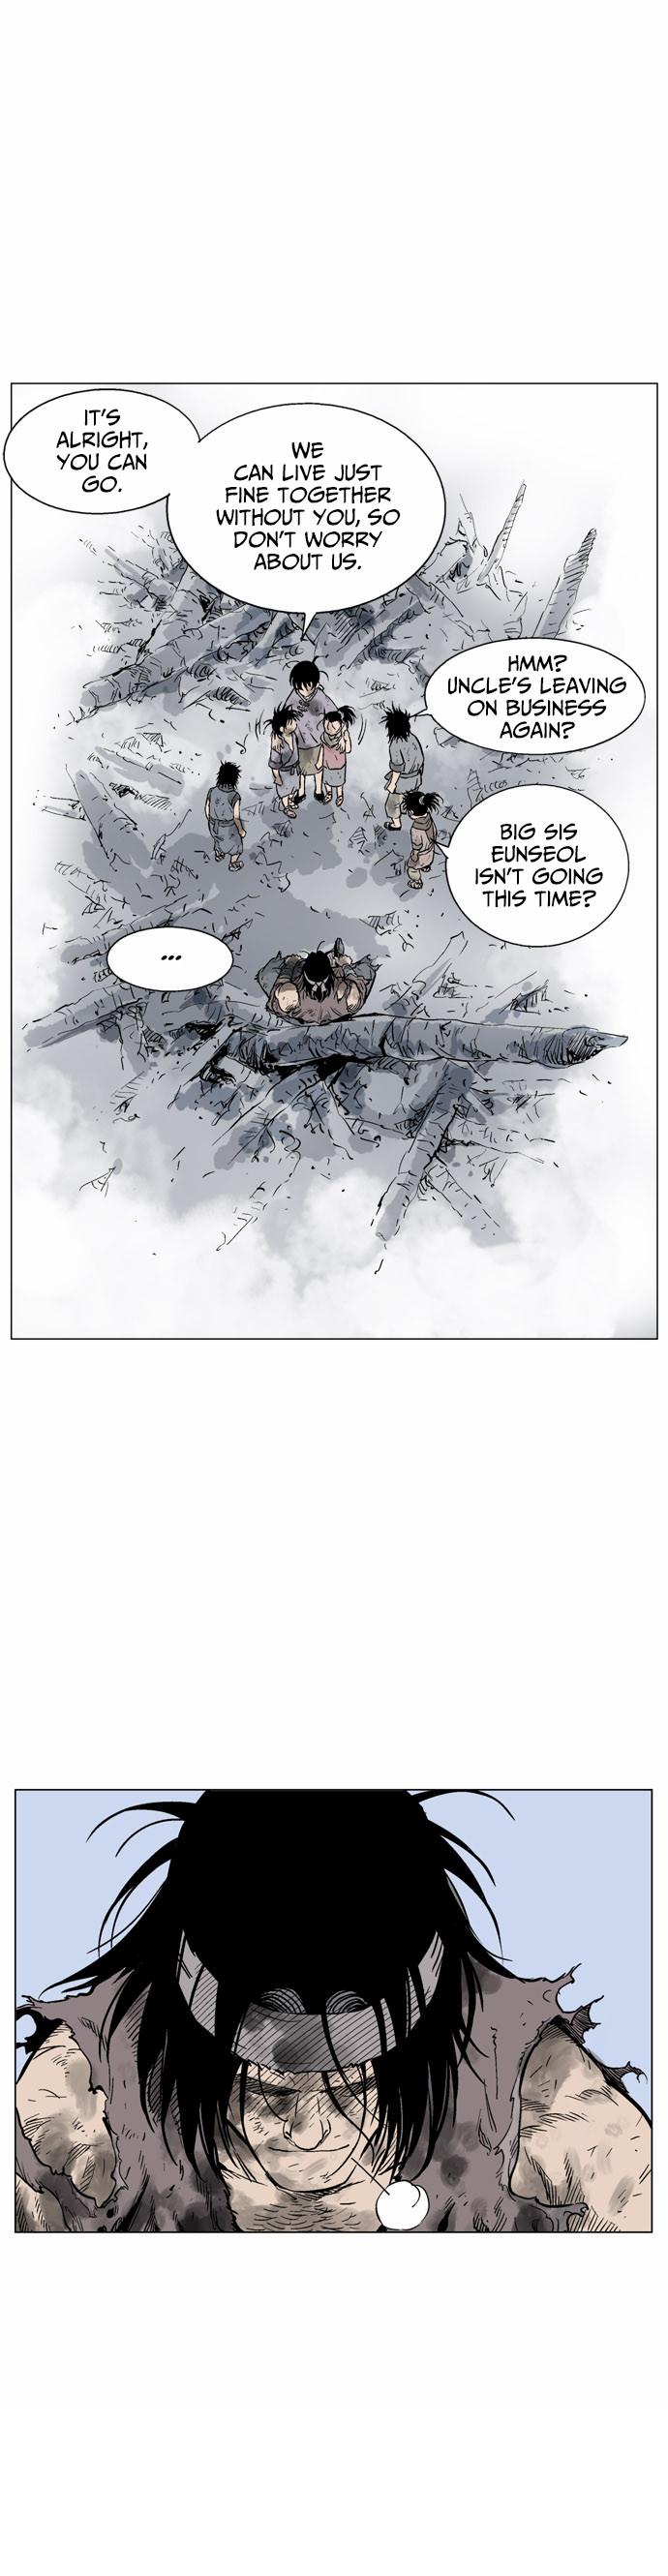 Gosu 64 : Wild Dogs (6)